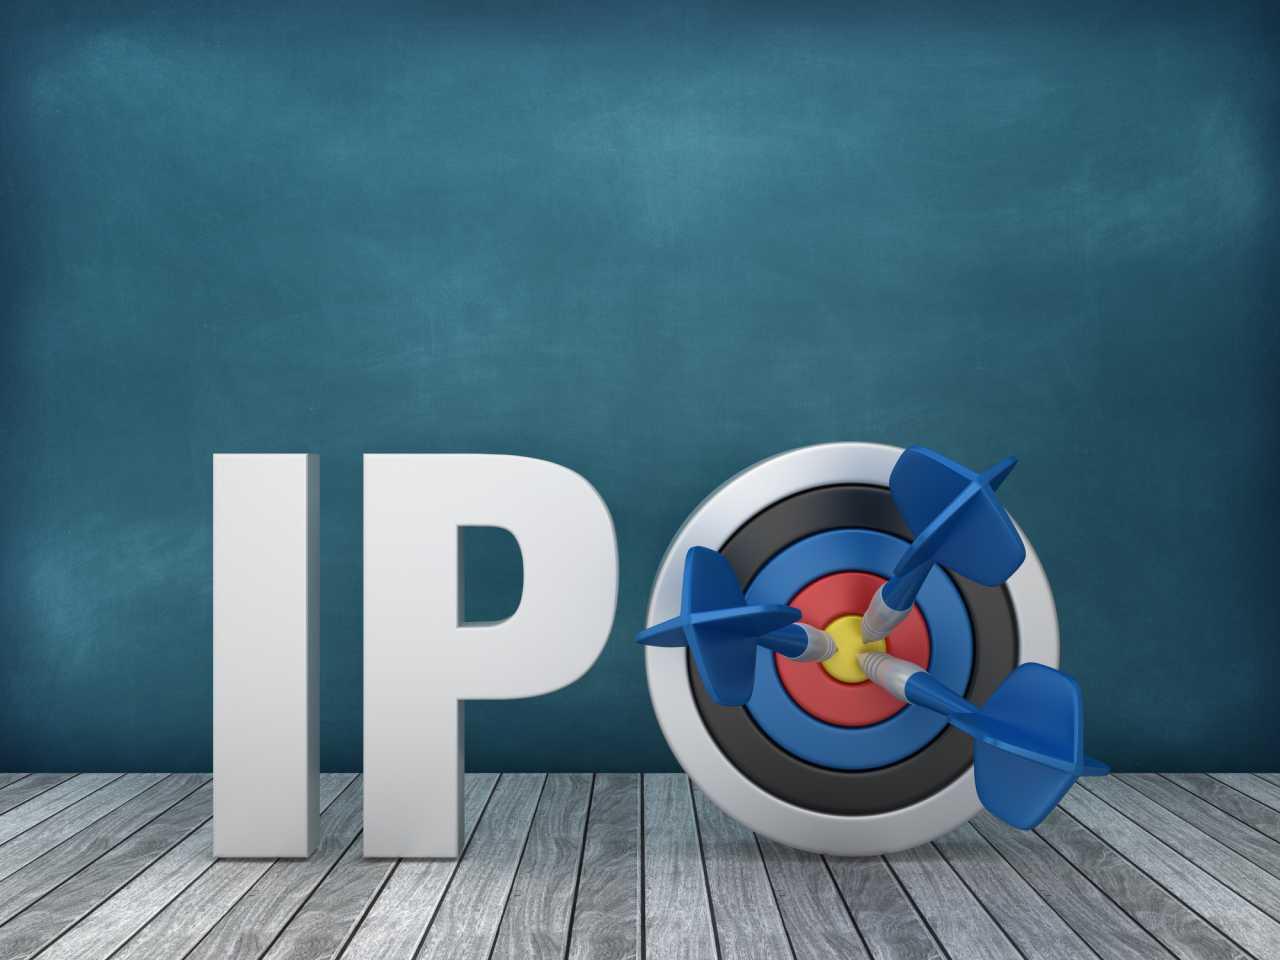 Grupo GPS e Hospital Care pretendem acessar a Bolsa e estão na fila do IPO